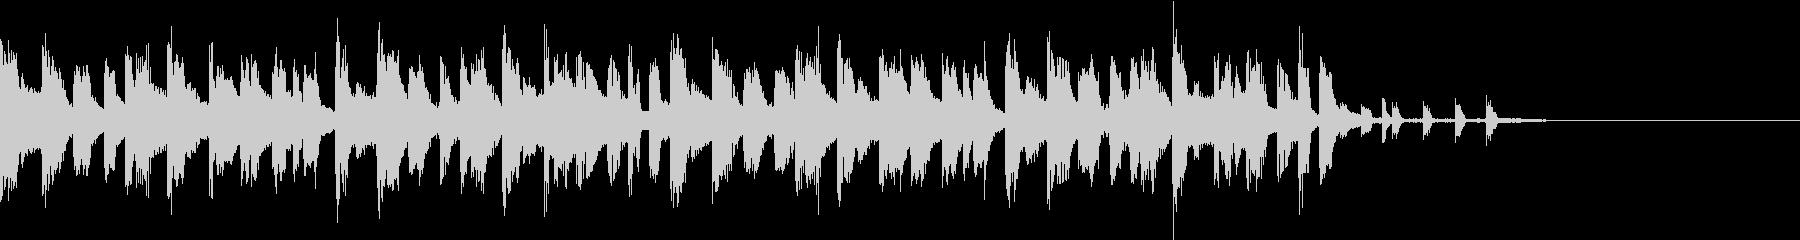 切ないイメージのテクノポップ ジングル1の未再生の波形